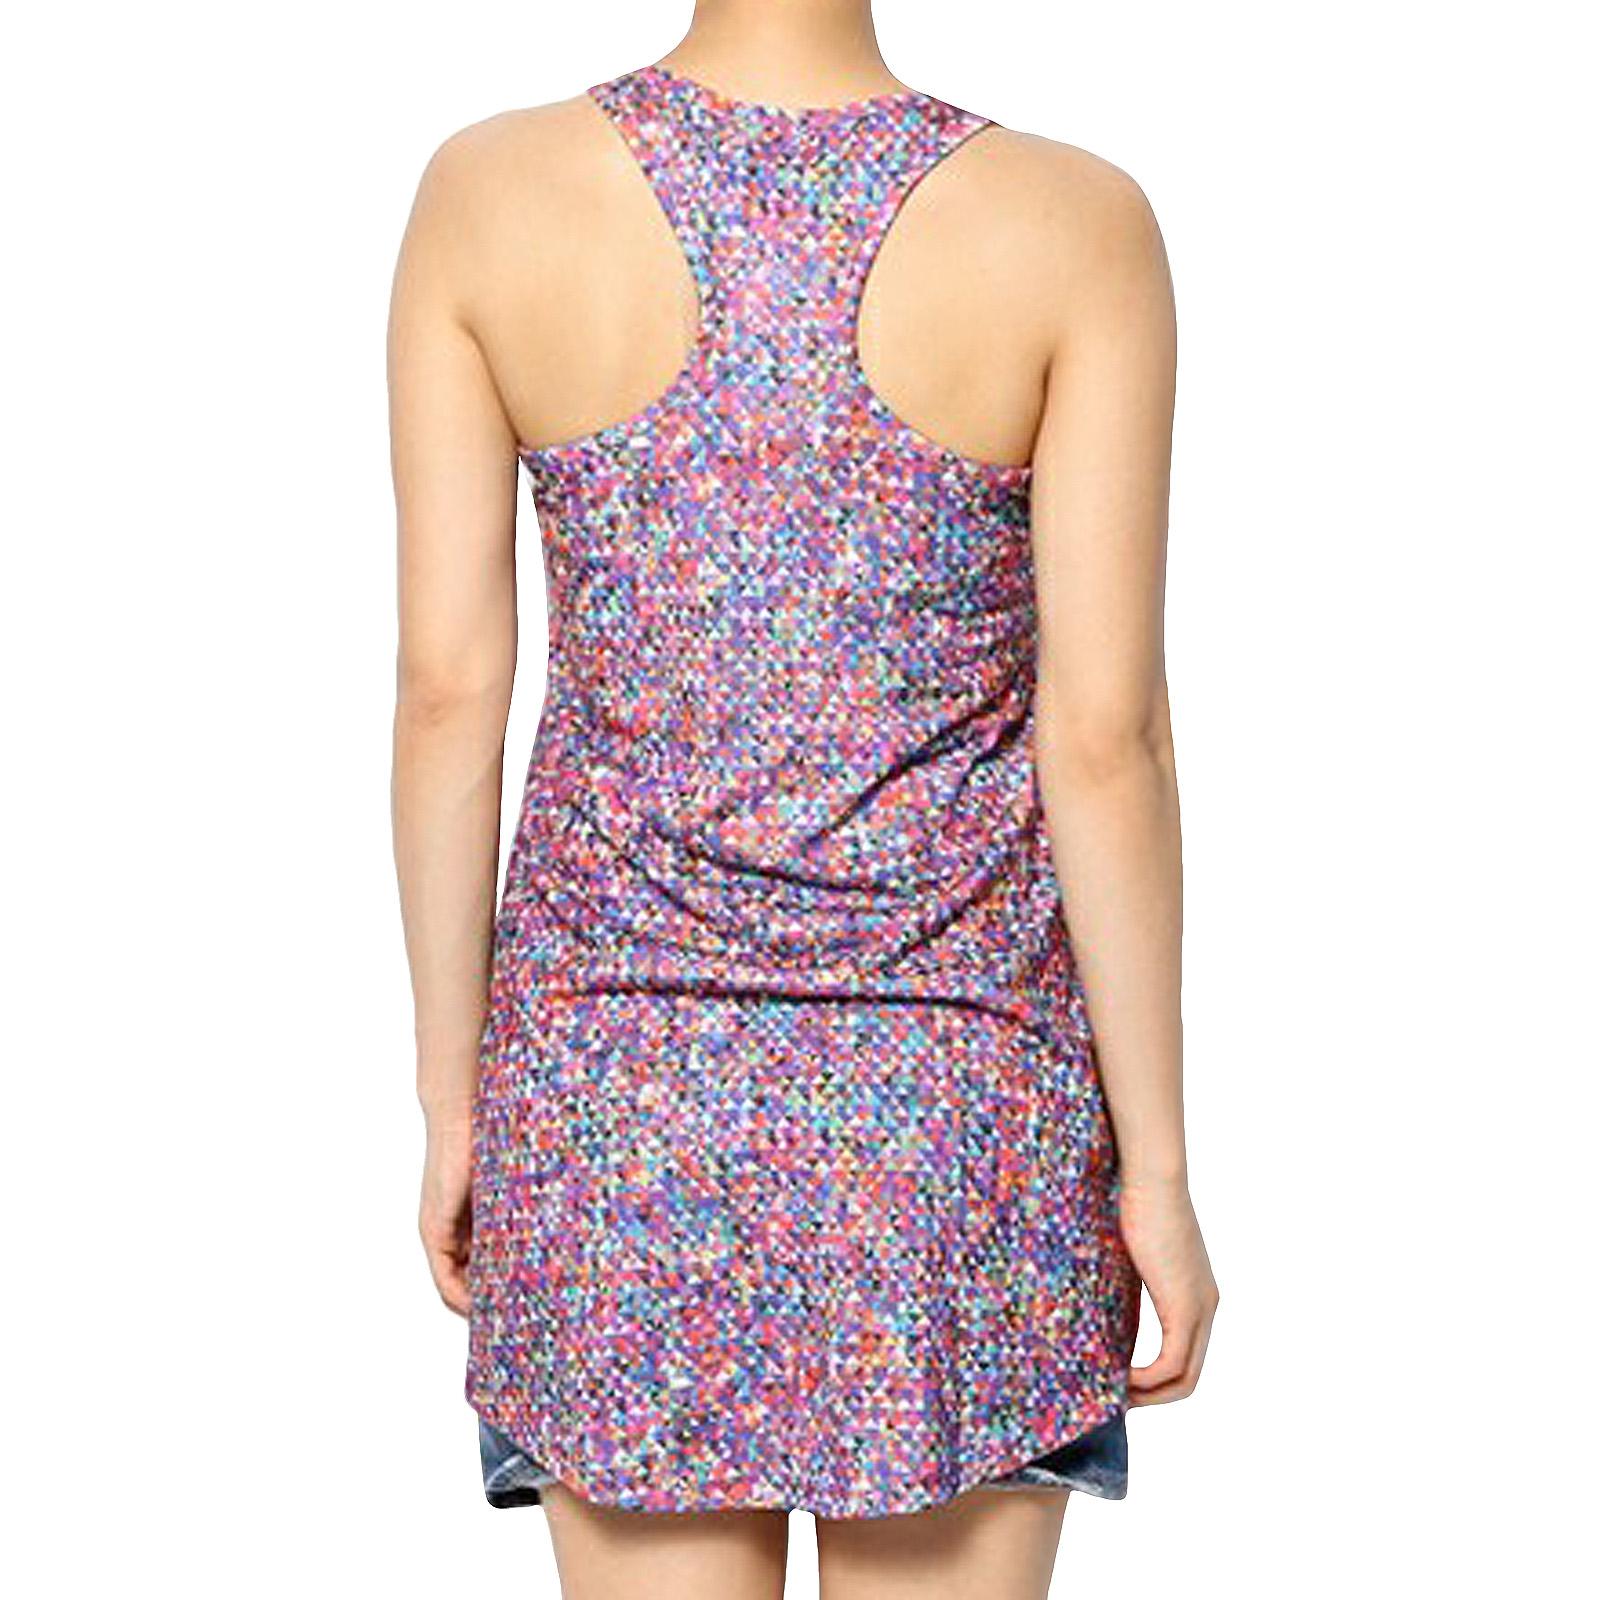 6561b921c475 adidas Originals Womens ZX Flux New Media Long Tank Vest Dress Top ...